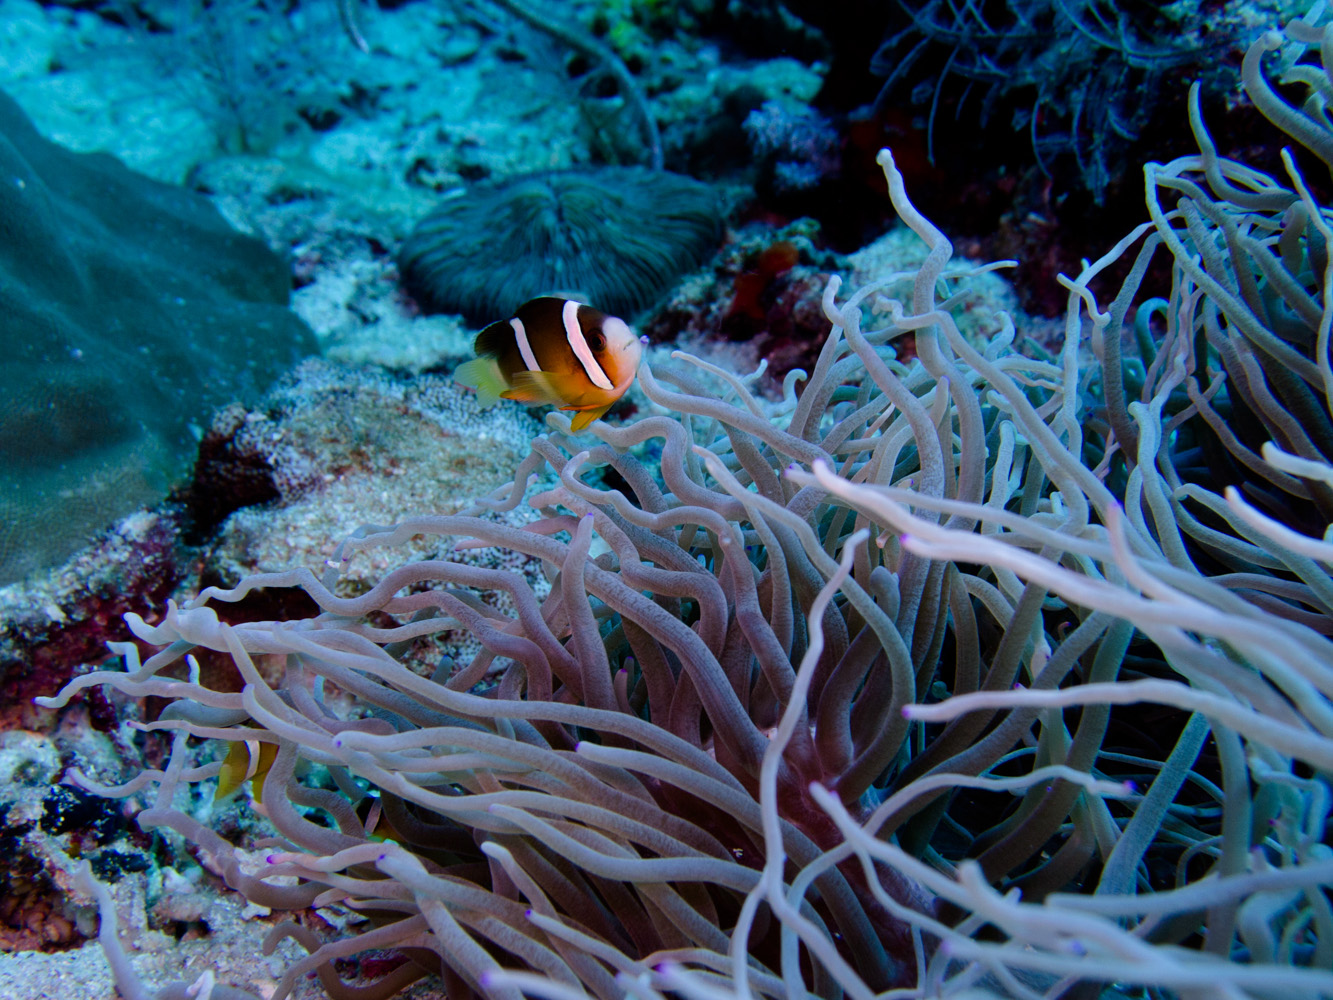 Clownfisch_Anemonenfisch_Nemo_-16